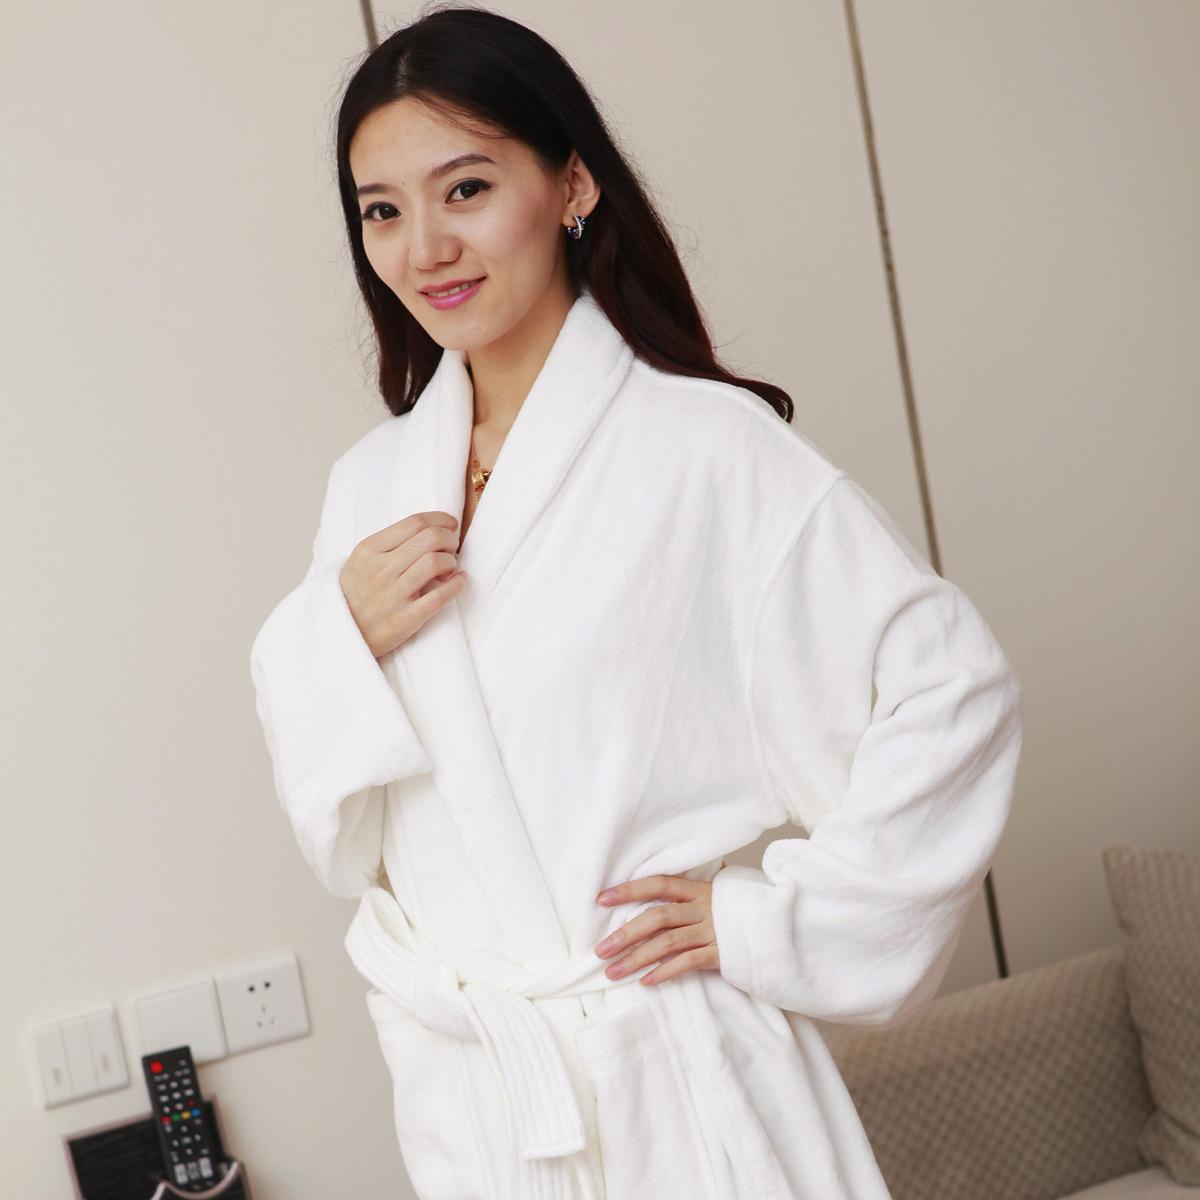 精品民宿星级酒店宾馆加厚浴衣纯棉割绒浴袍浴衣睡衣可定制LOGO